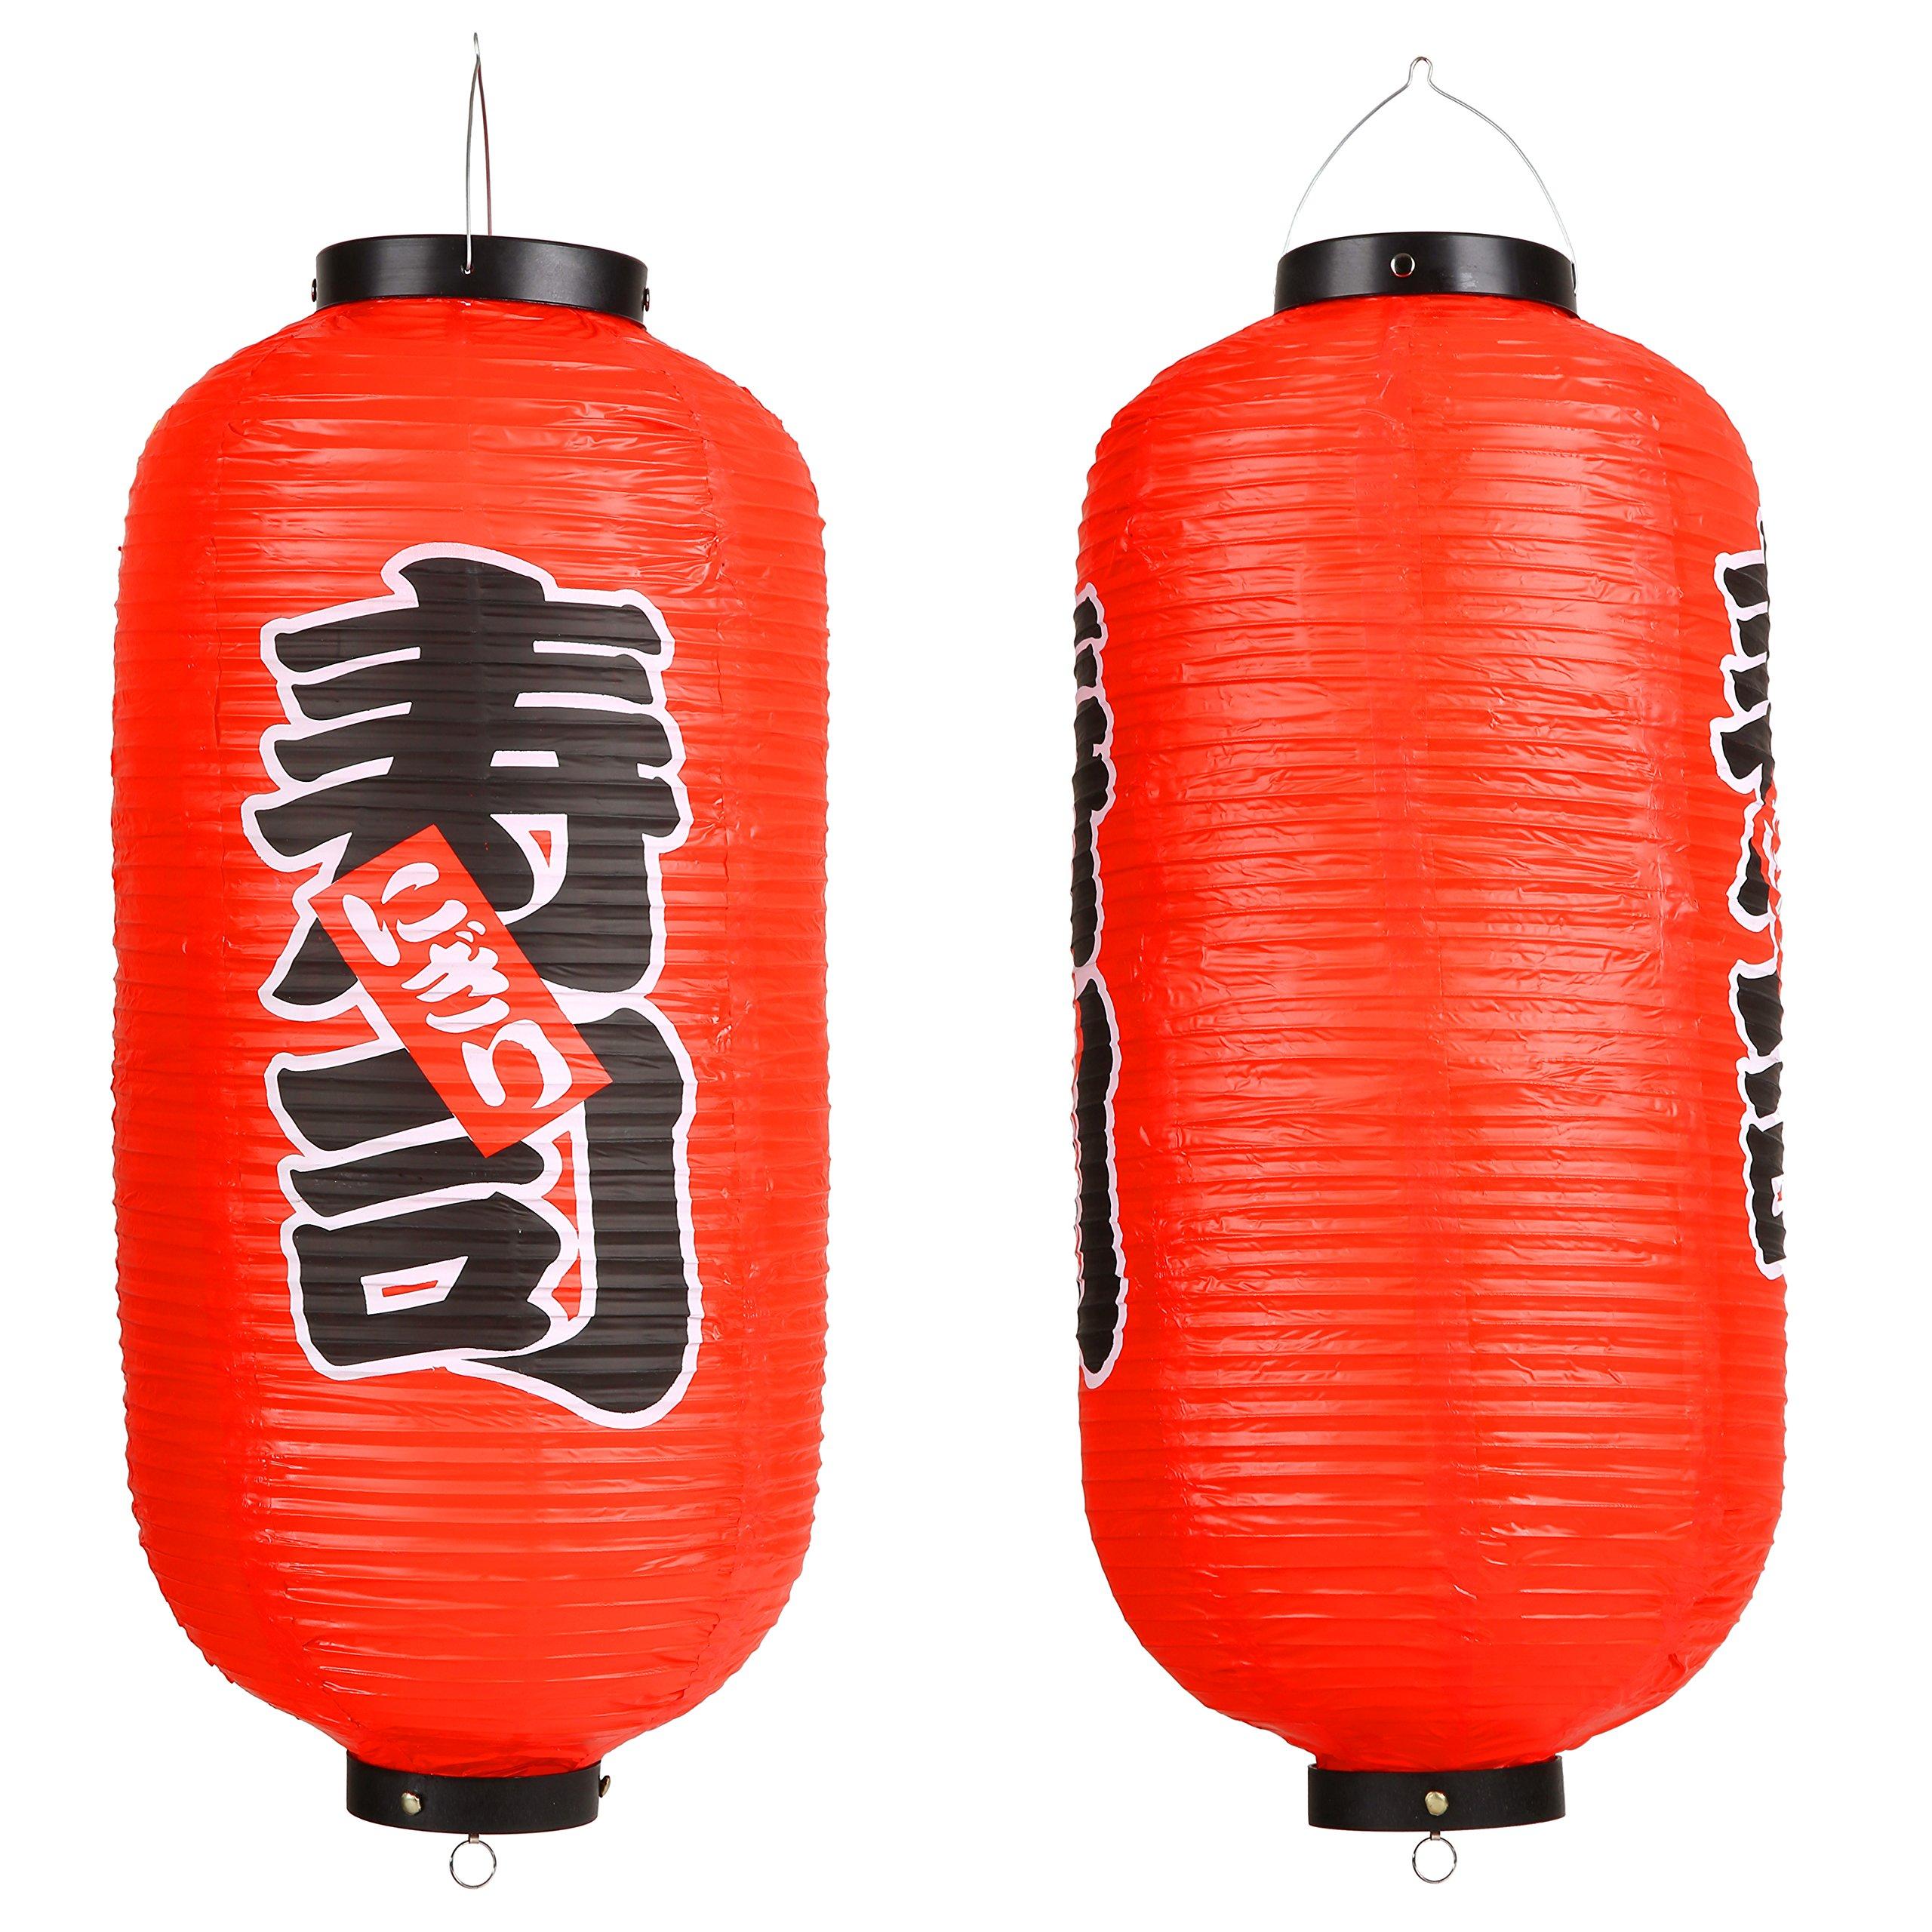 Set of 2 Traditional Japanese Style Red Hanging Lantern / Sushi Decoration Festive Hanging Lamp - MyGift